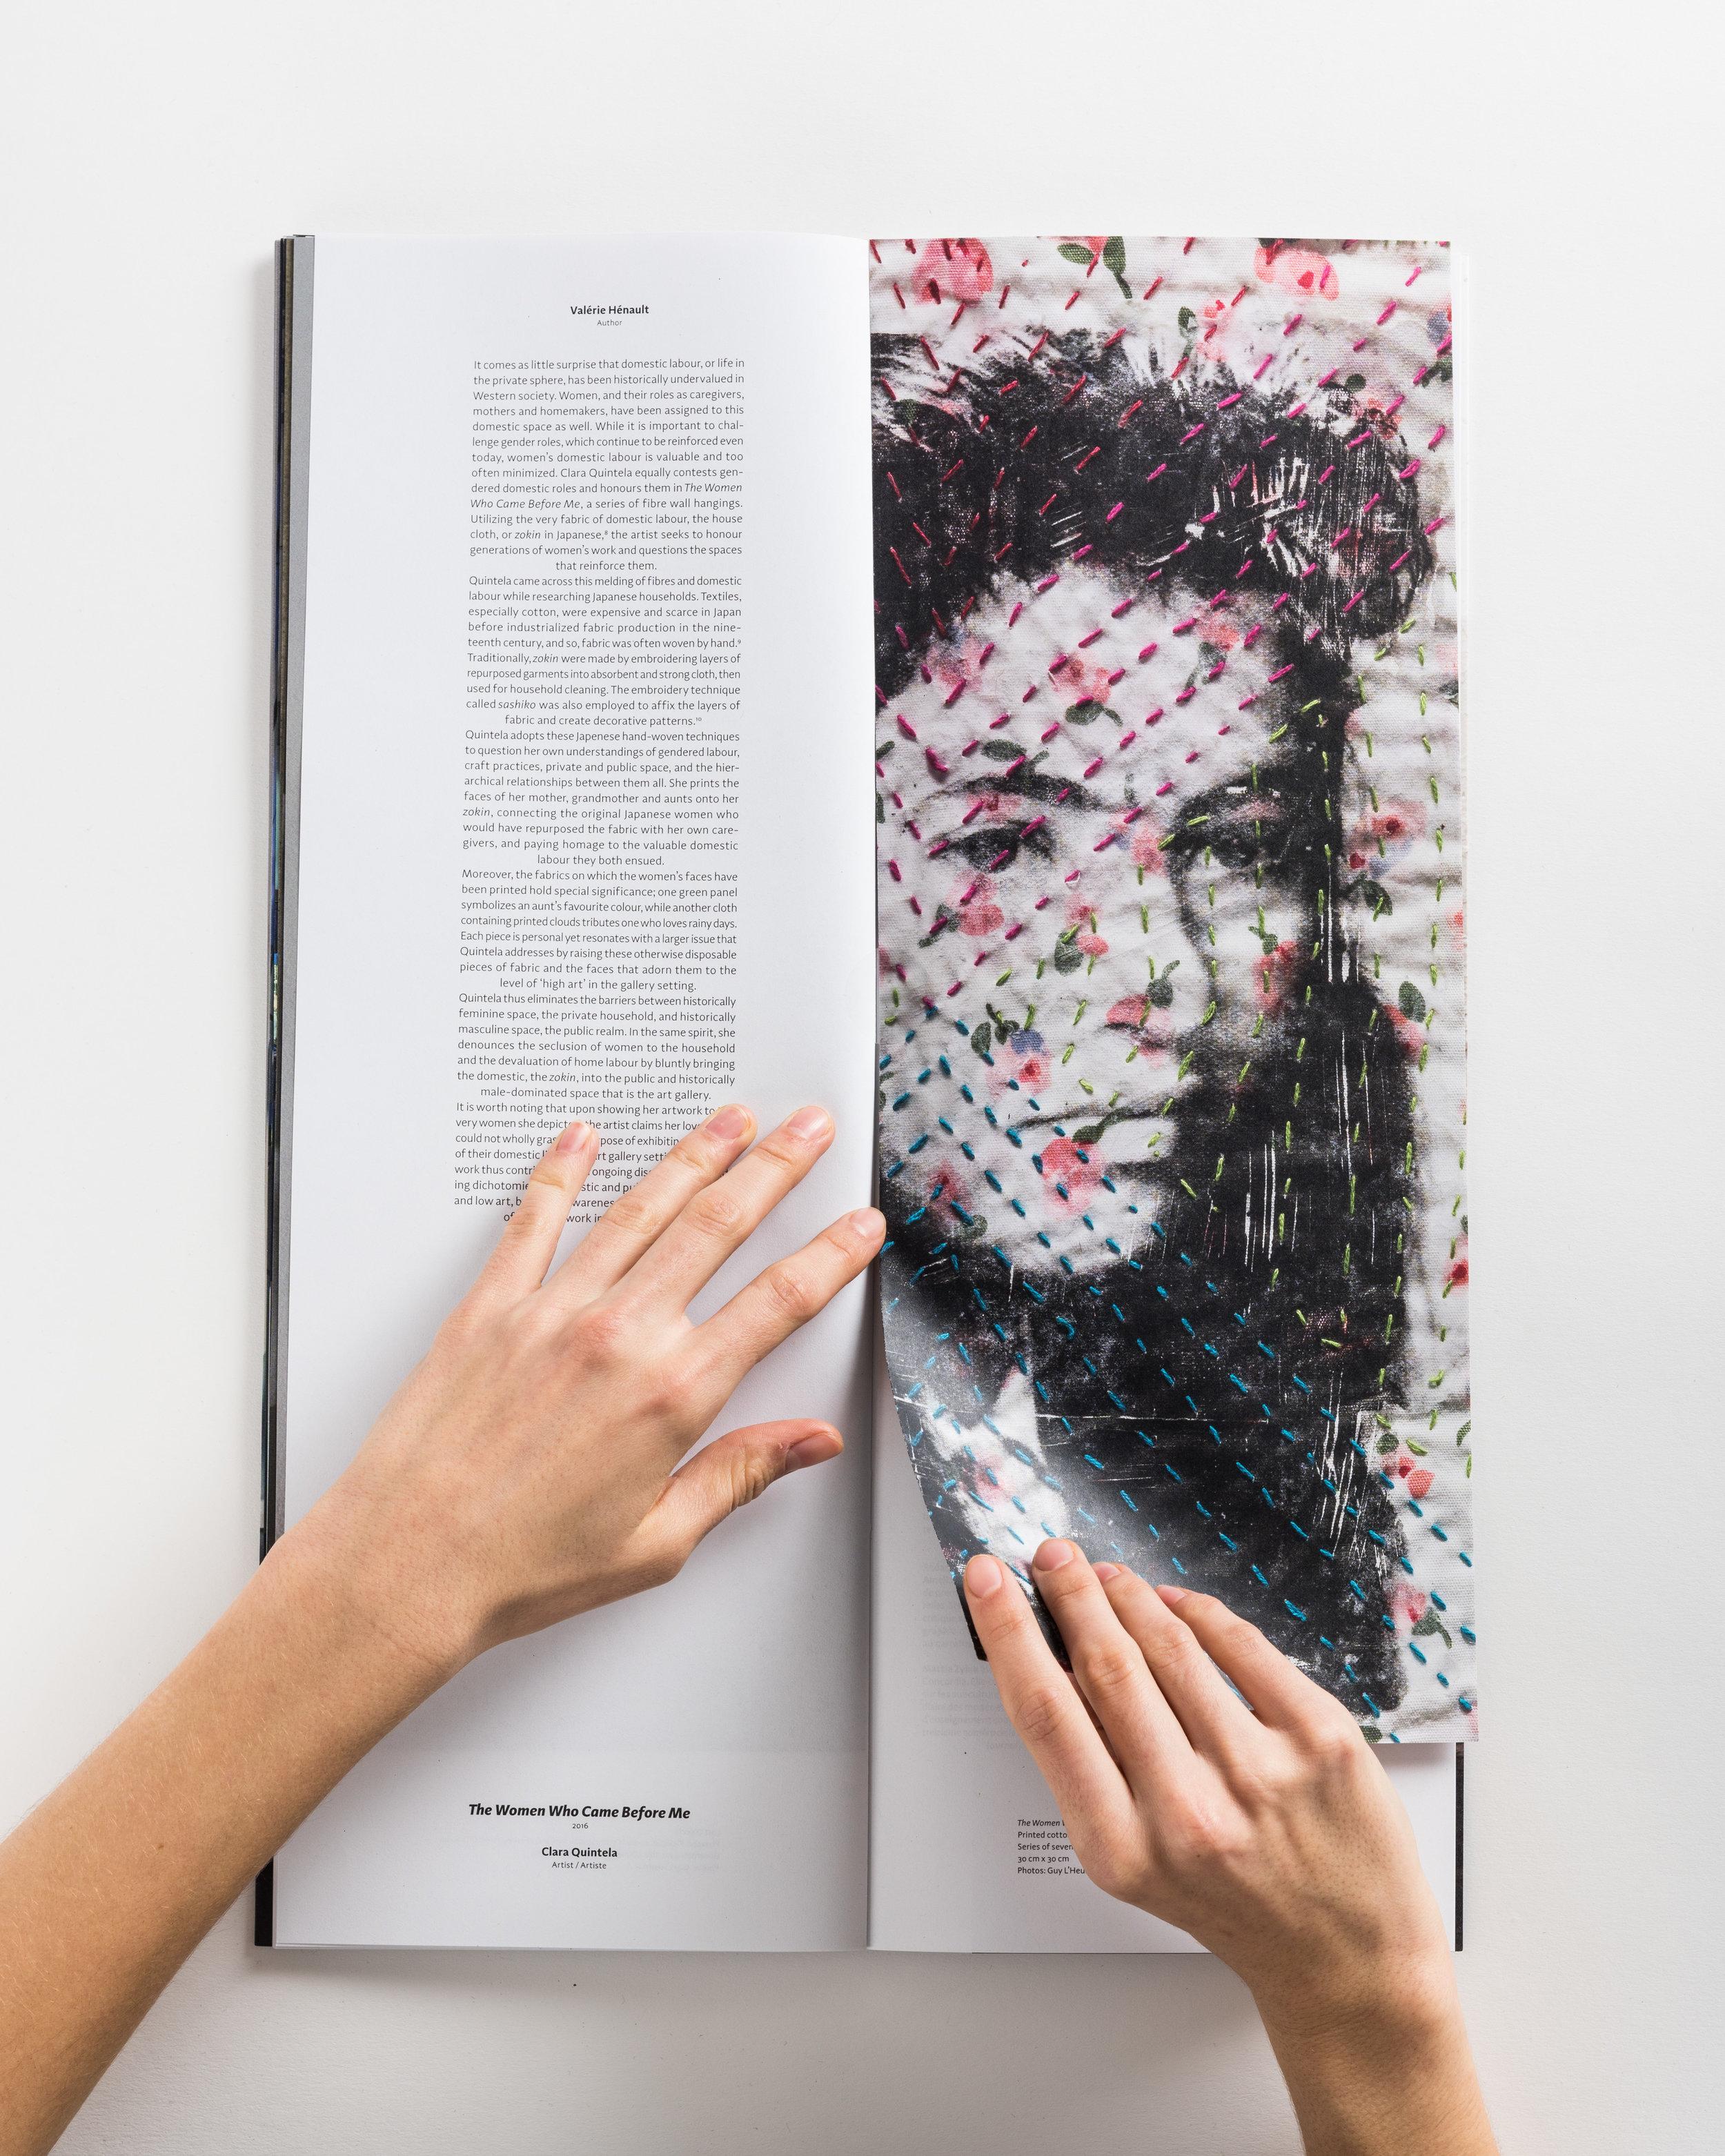 FOFA 2017 Exhibition Catalogue